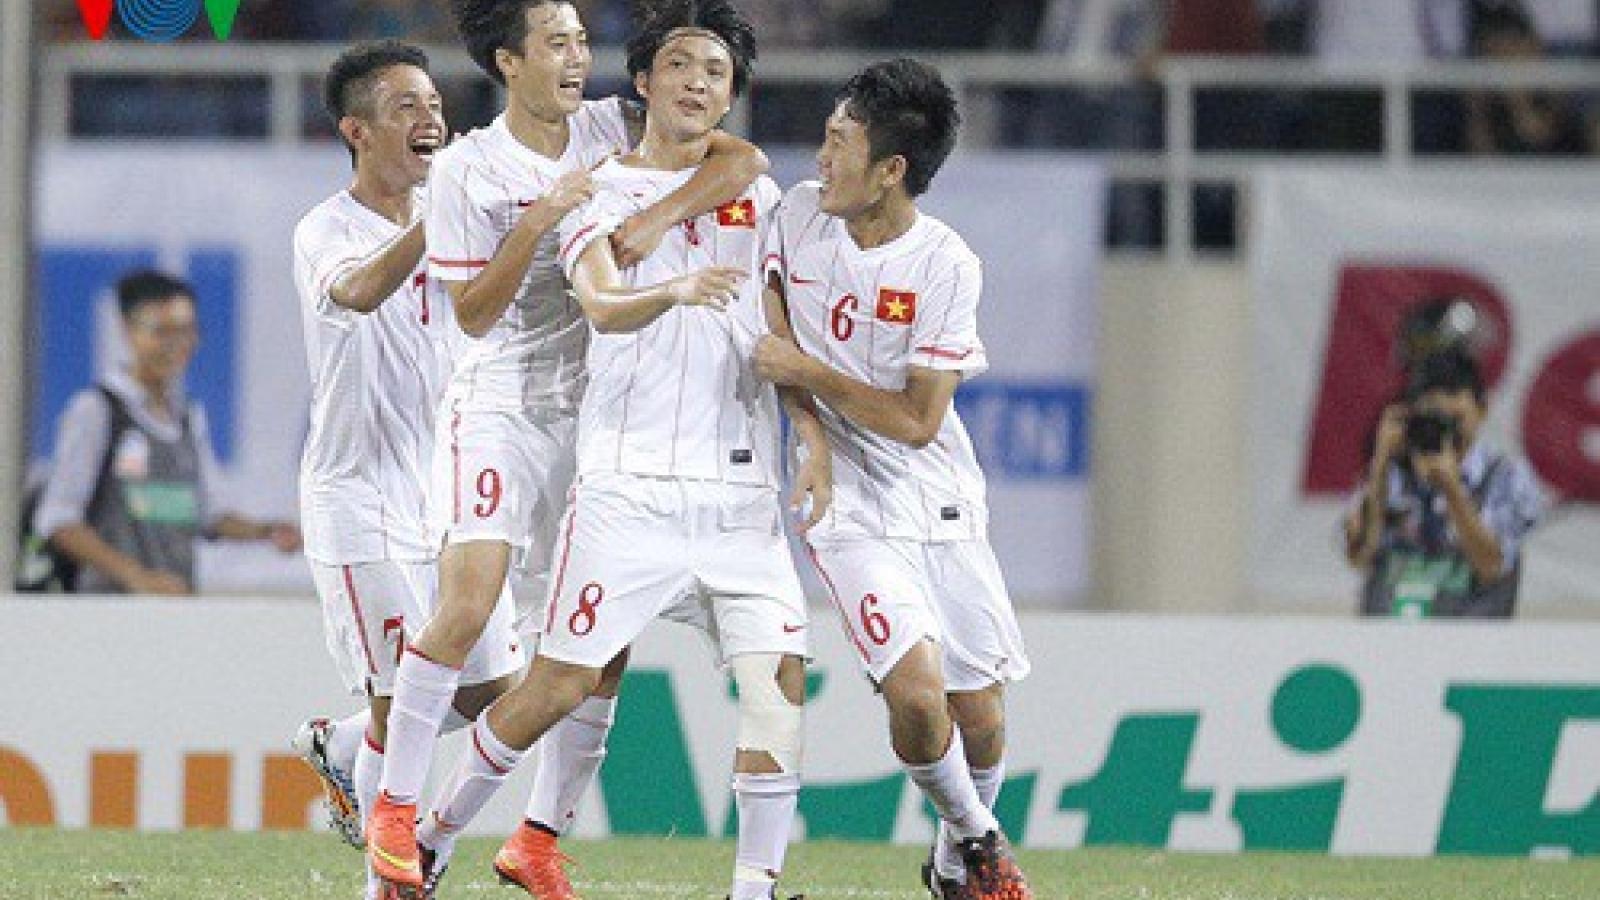 Ngày này năm xưa: Xuân Trường, Tuấn Anh tạo nên trận cầu cảm xúc nhất của U19 Việt Nam